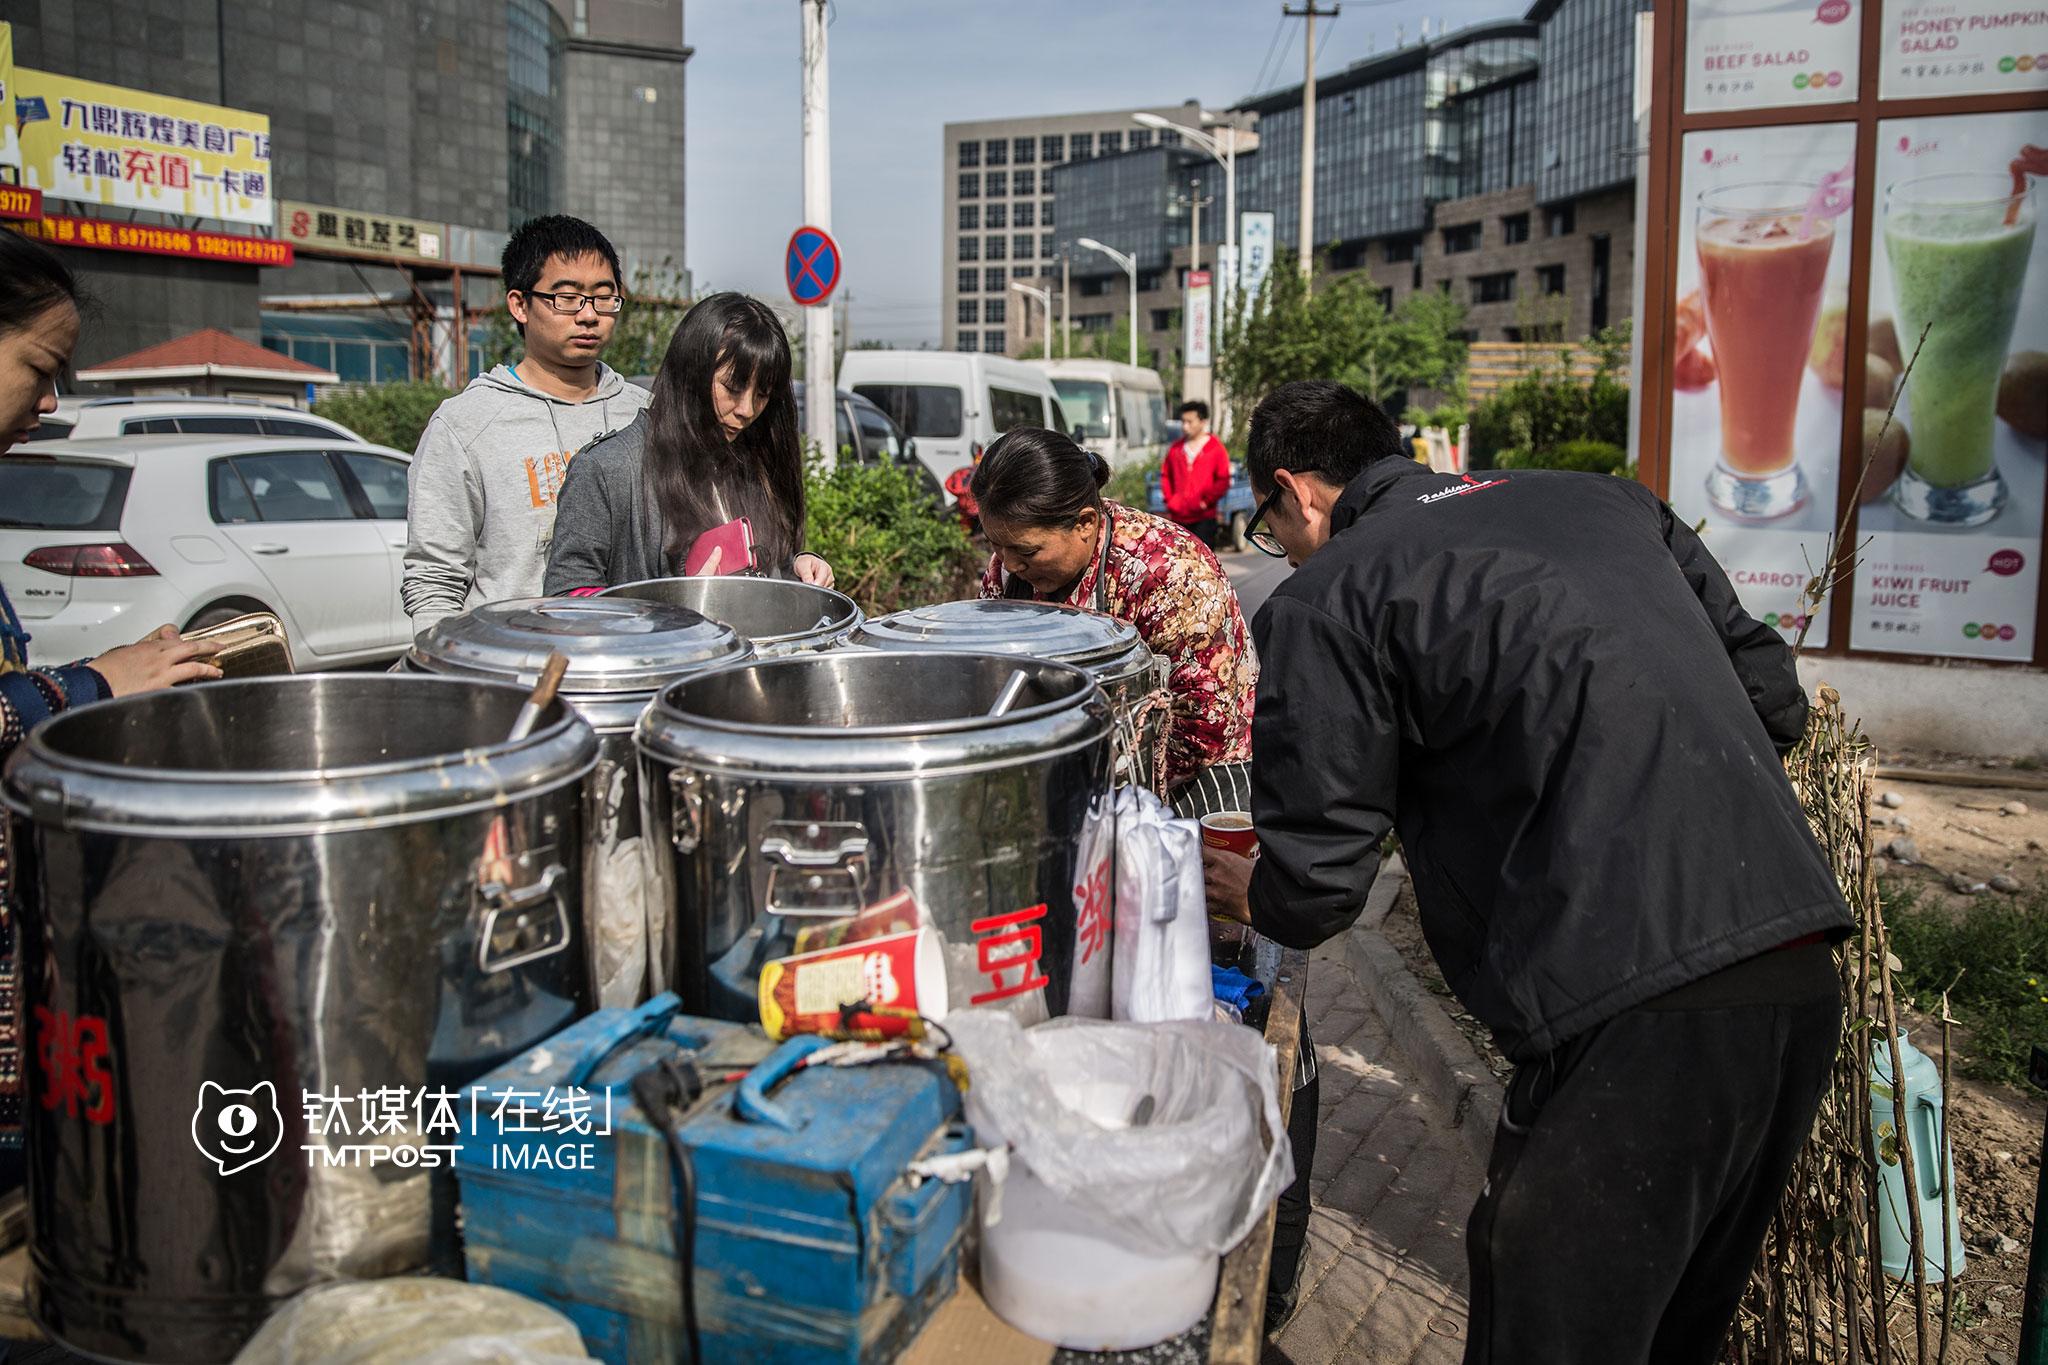 """一对在路口卖粥的母子,他们在上地卖粥卖了3年,每天就靠早上1个小时做这项生意,""""每天早上卖100杯左右,必须动作快,在这里上班的人,没时间和耐心等。"""""""